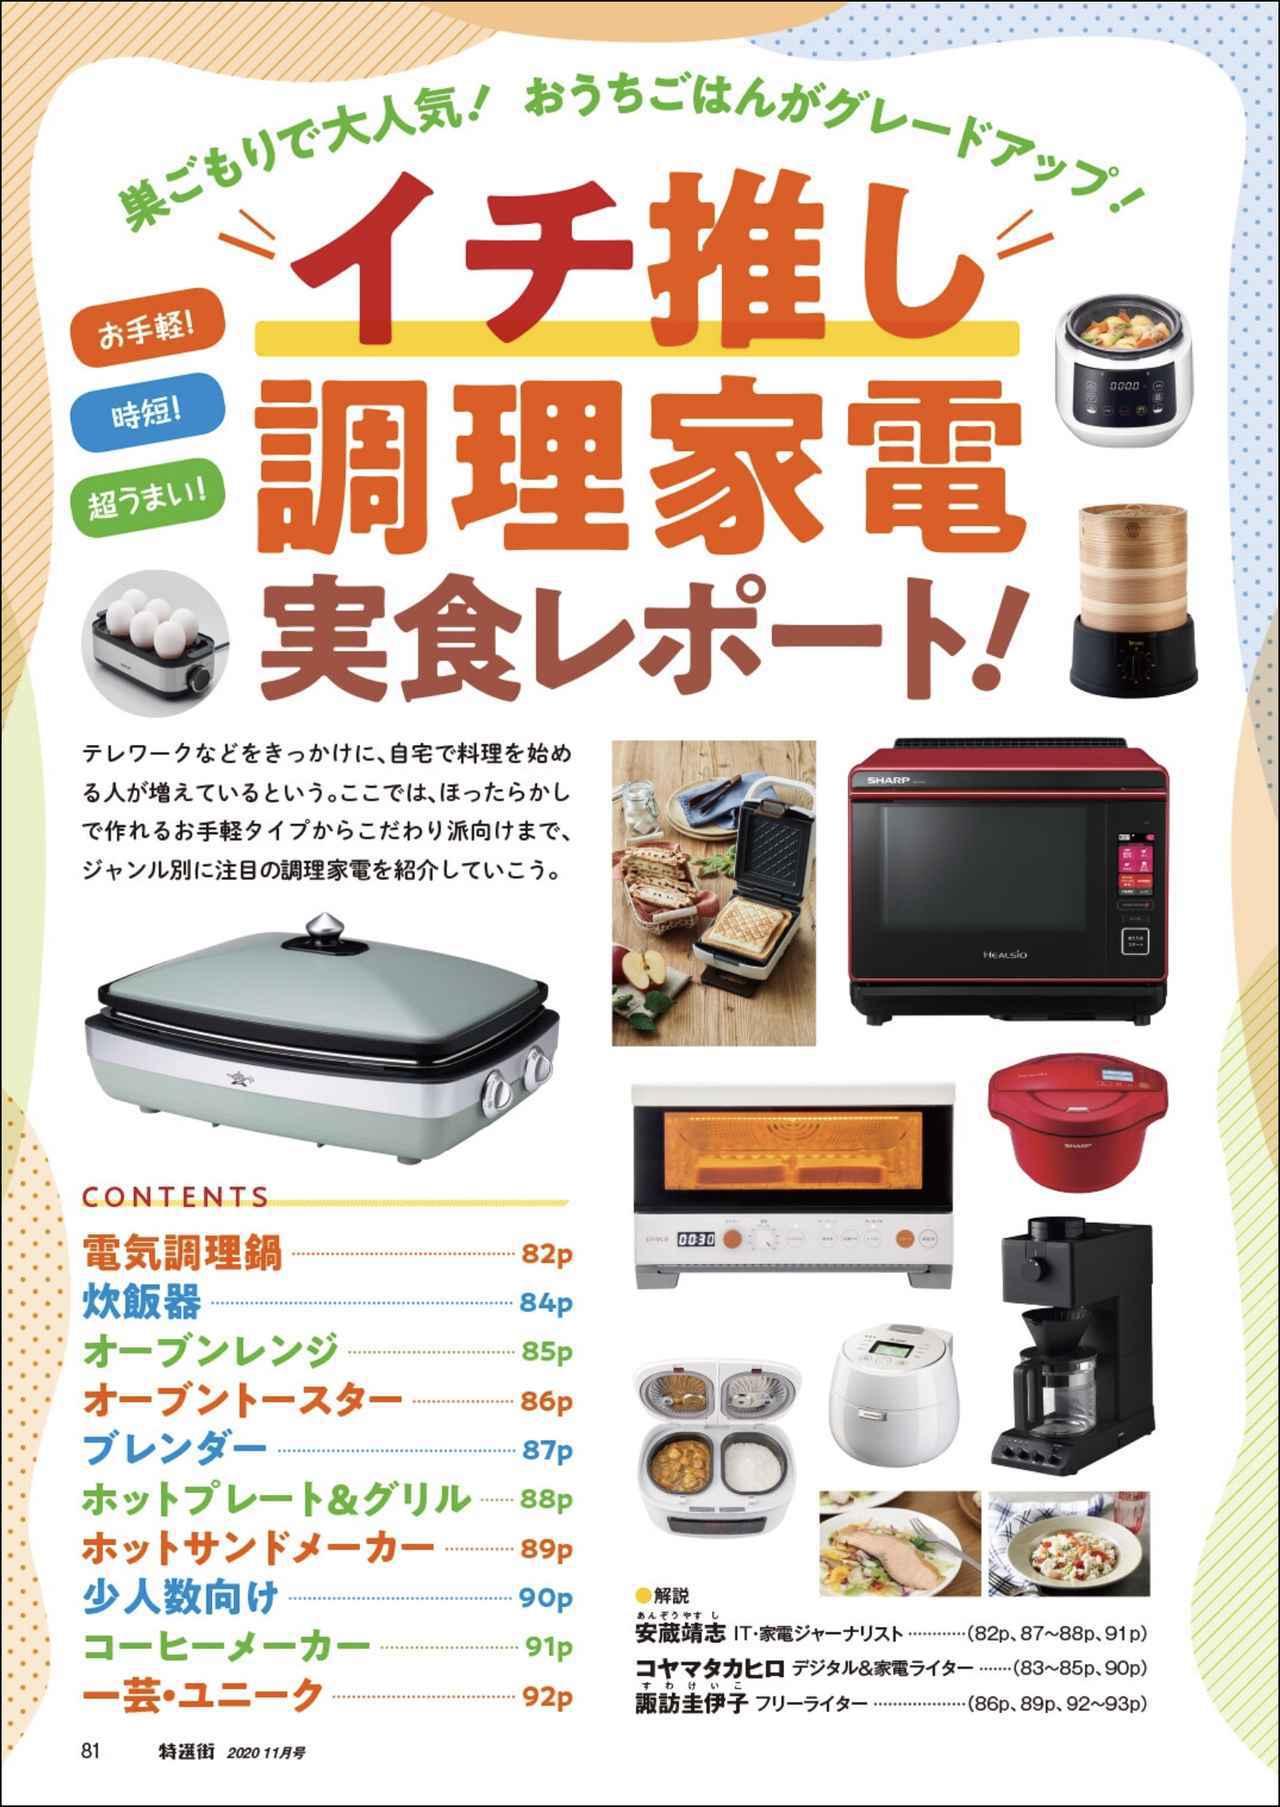 画像5: 【本日発売】『特選街』11月号 創刊500号です! スマートフォンの悩み、LINEの便利ワザ、美味しい調理家電を大特集!